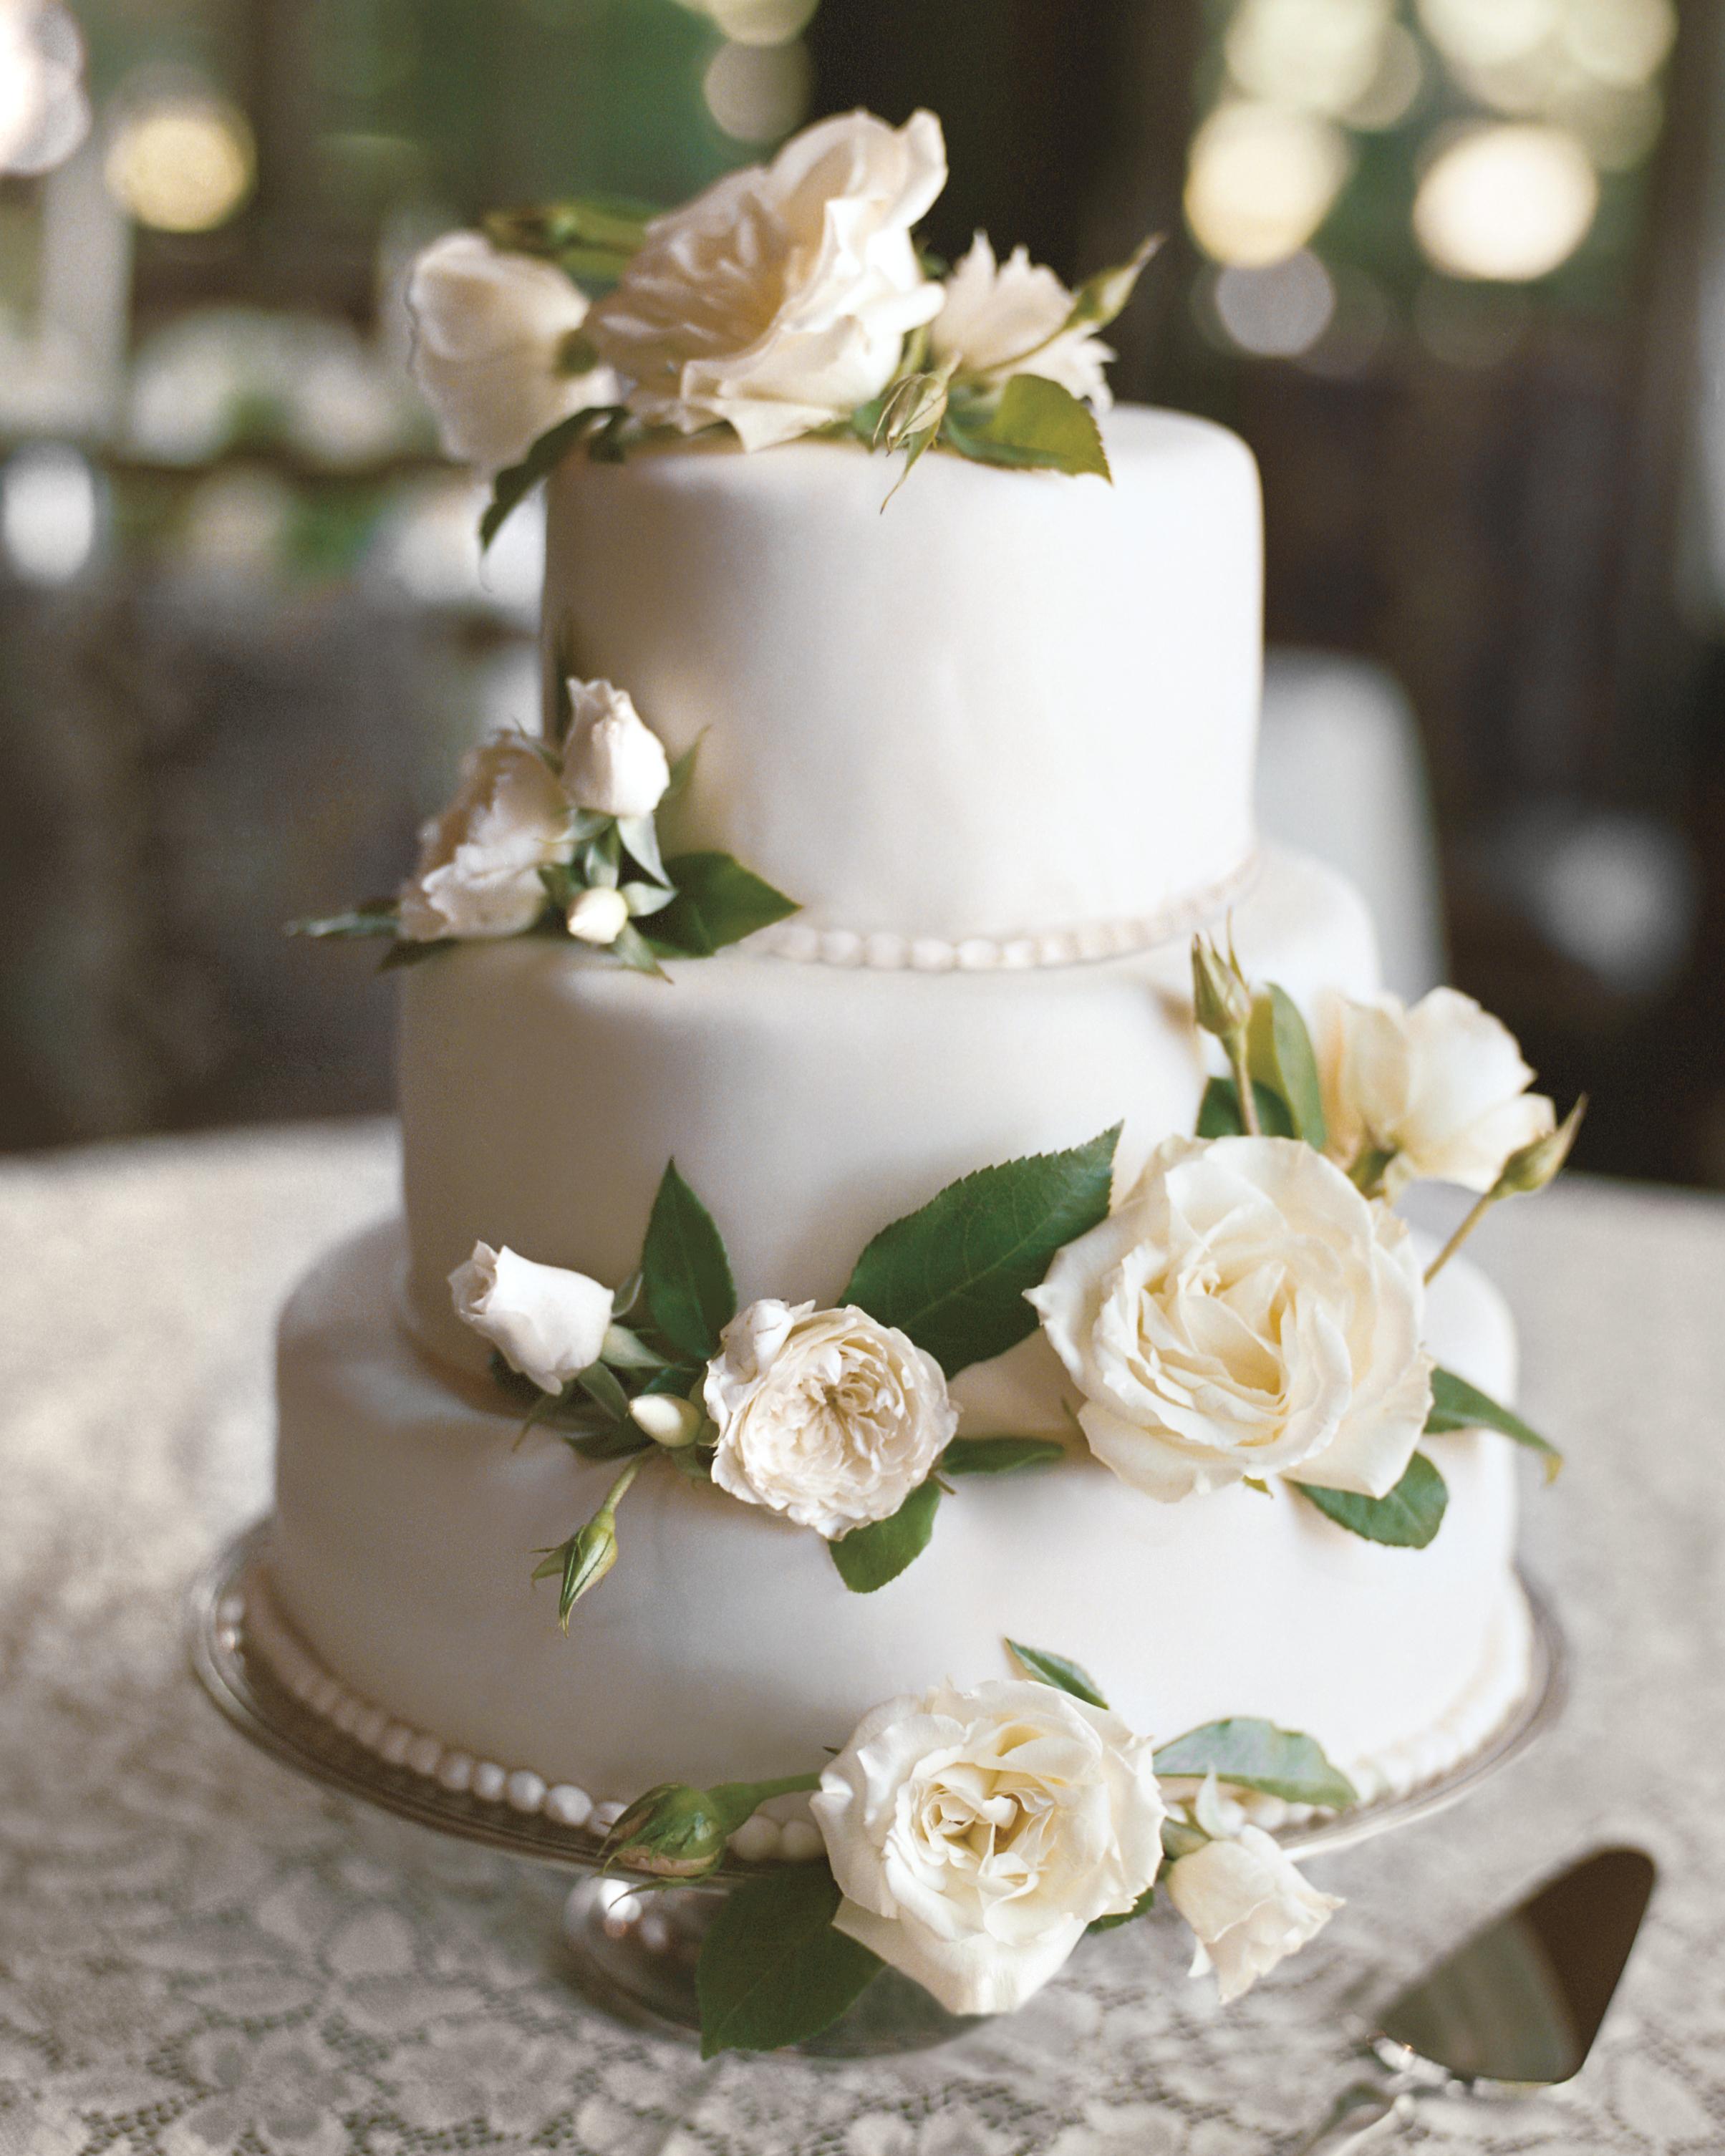 kate-michael-cake-29-13n-mwd110537.jpg